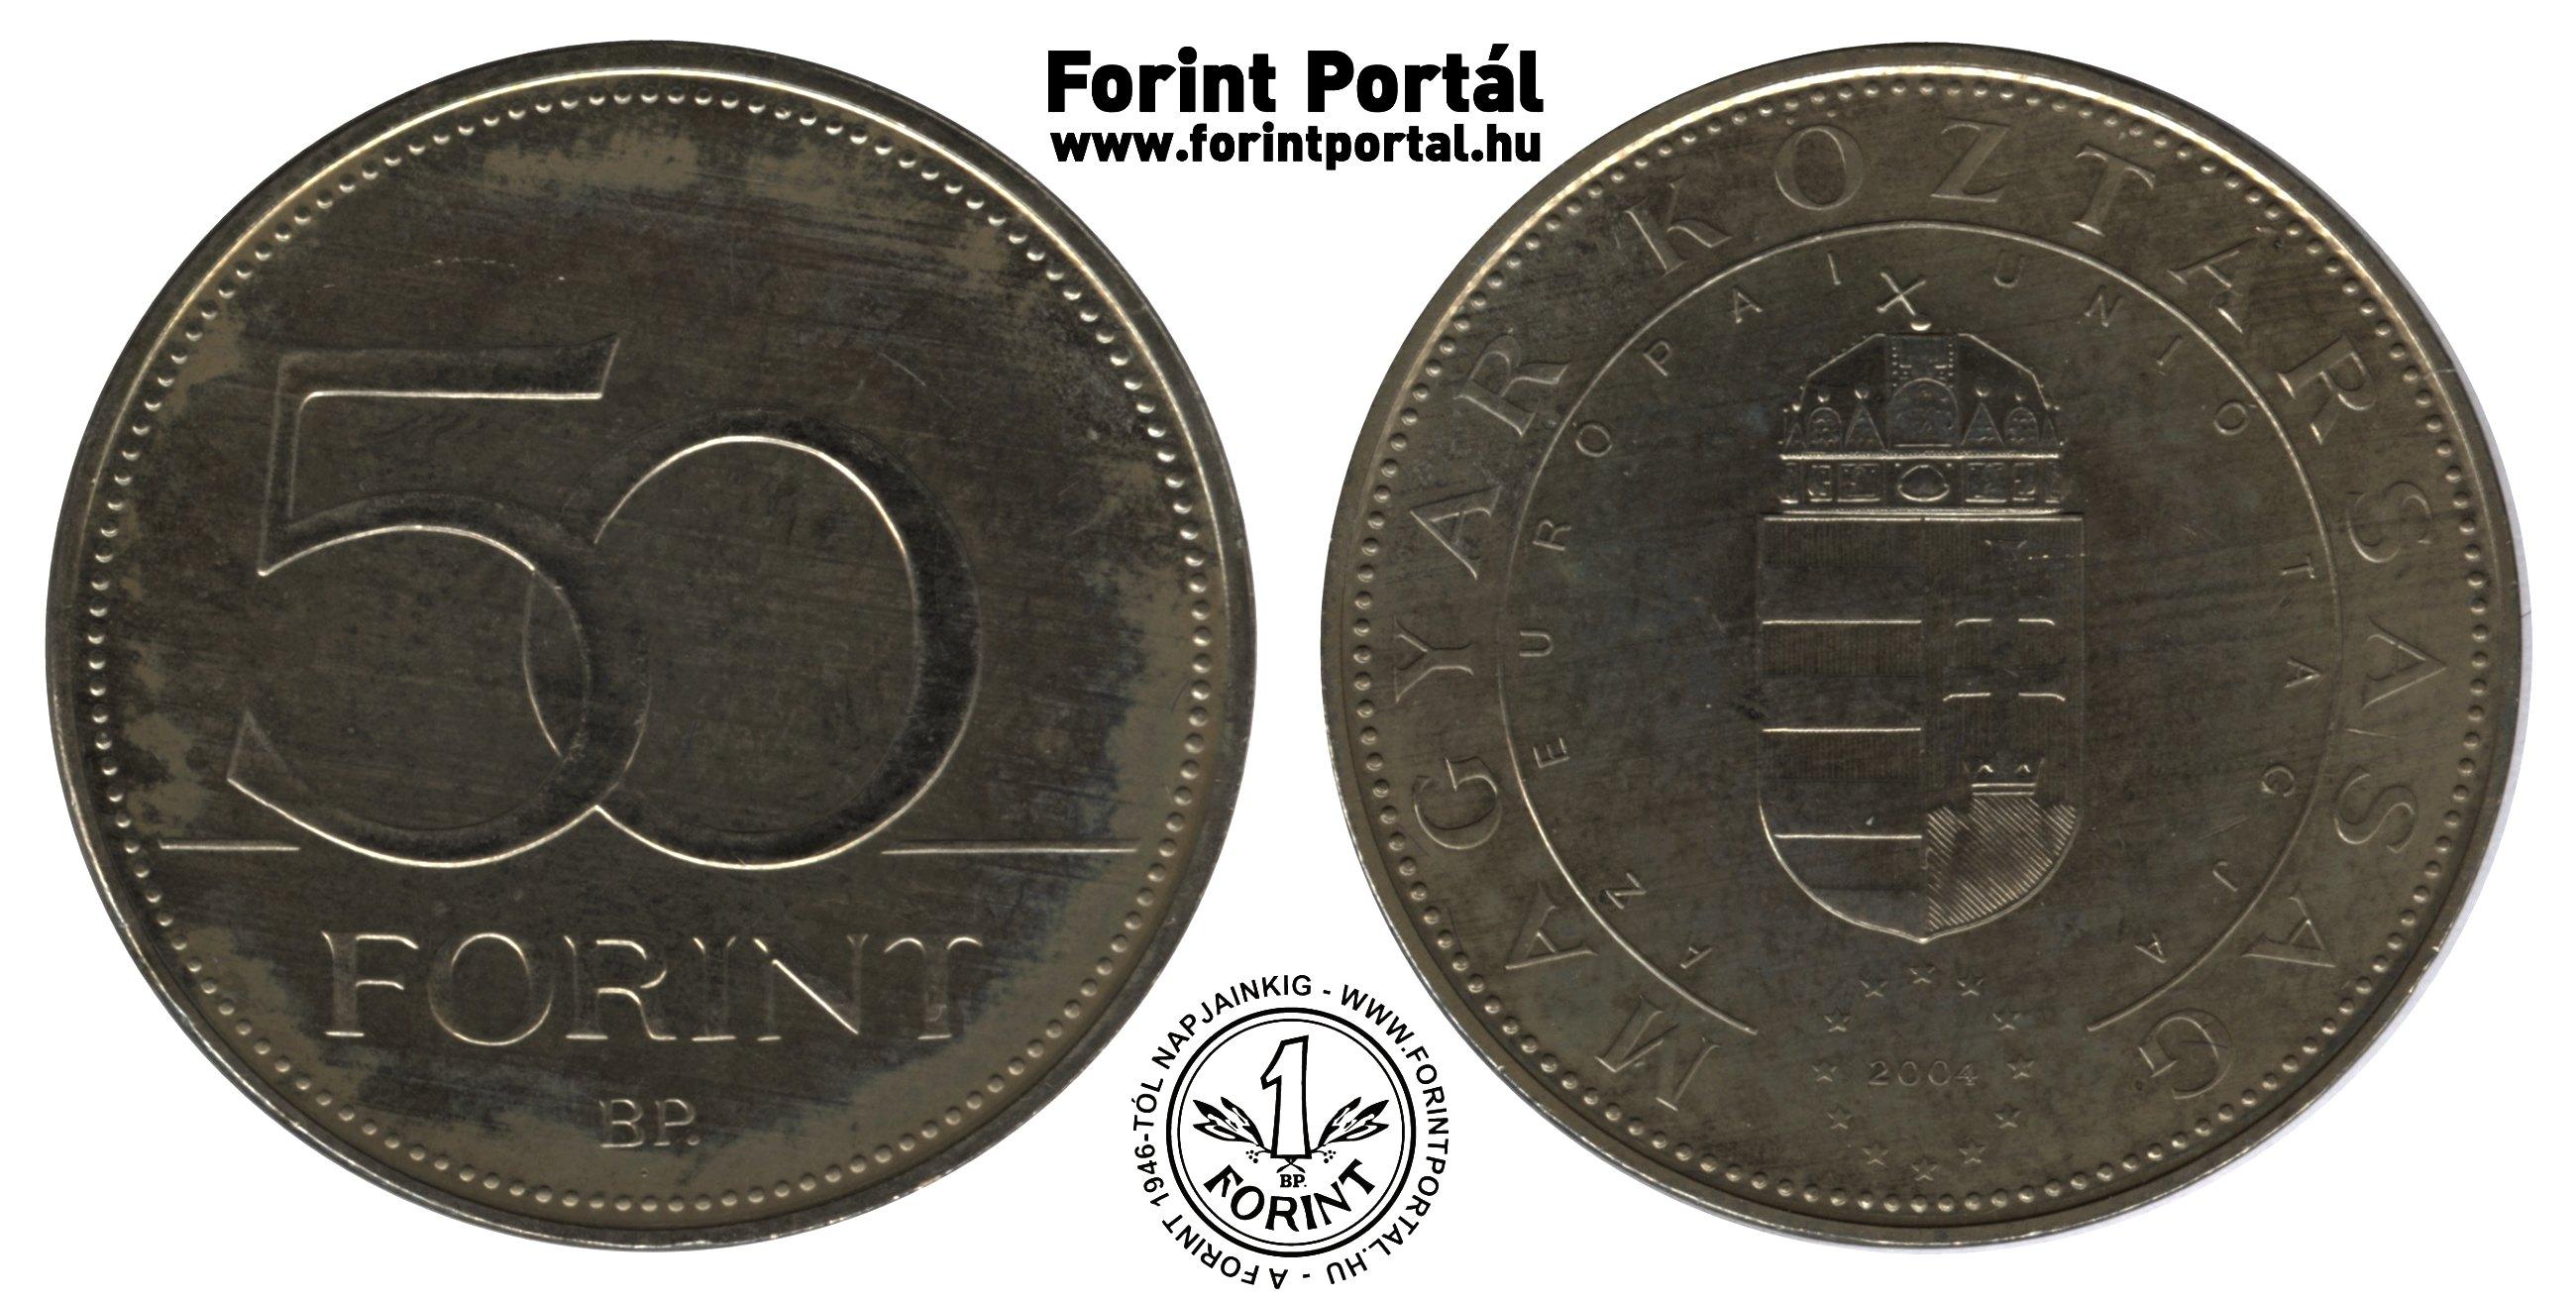 http://www.forintportal.hu/ritkasagkatalogus/50_forint/www_forintportal_hu_2004_50forint_europai_unio_csatlakozas_bu.jpg